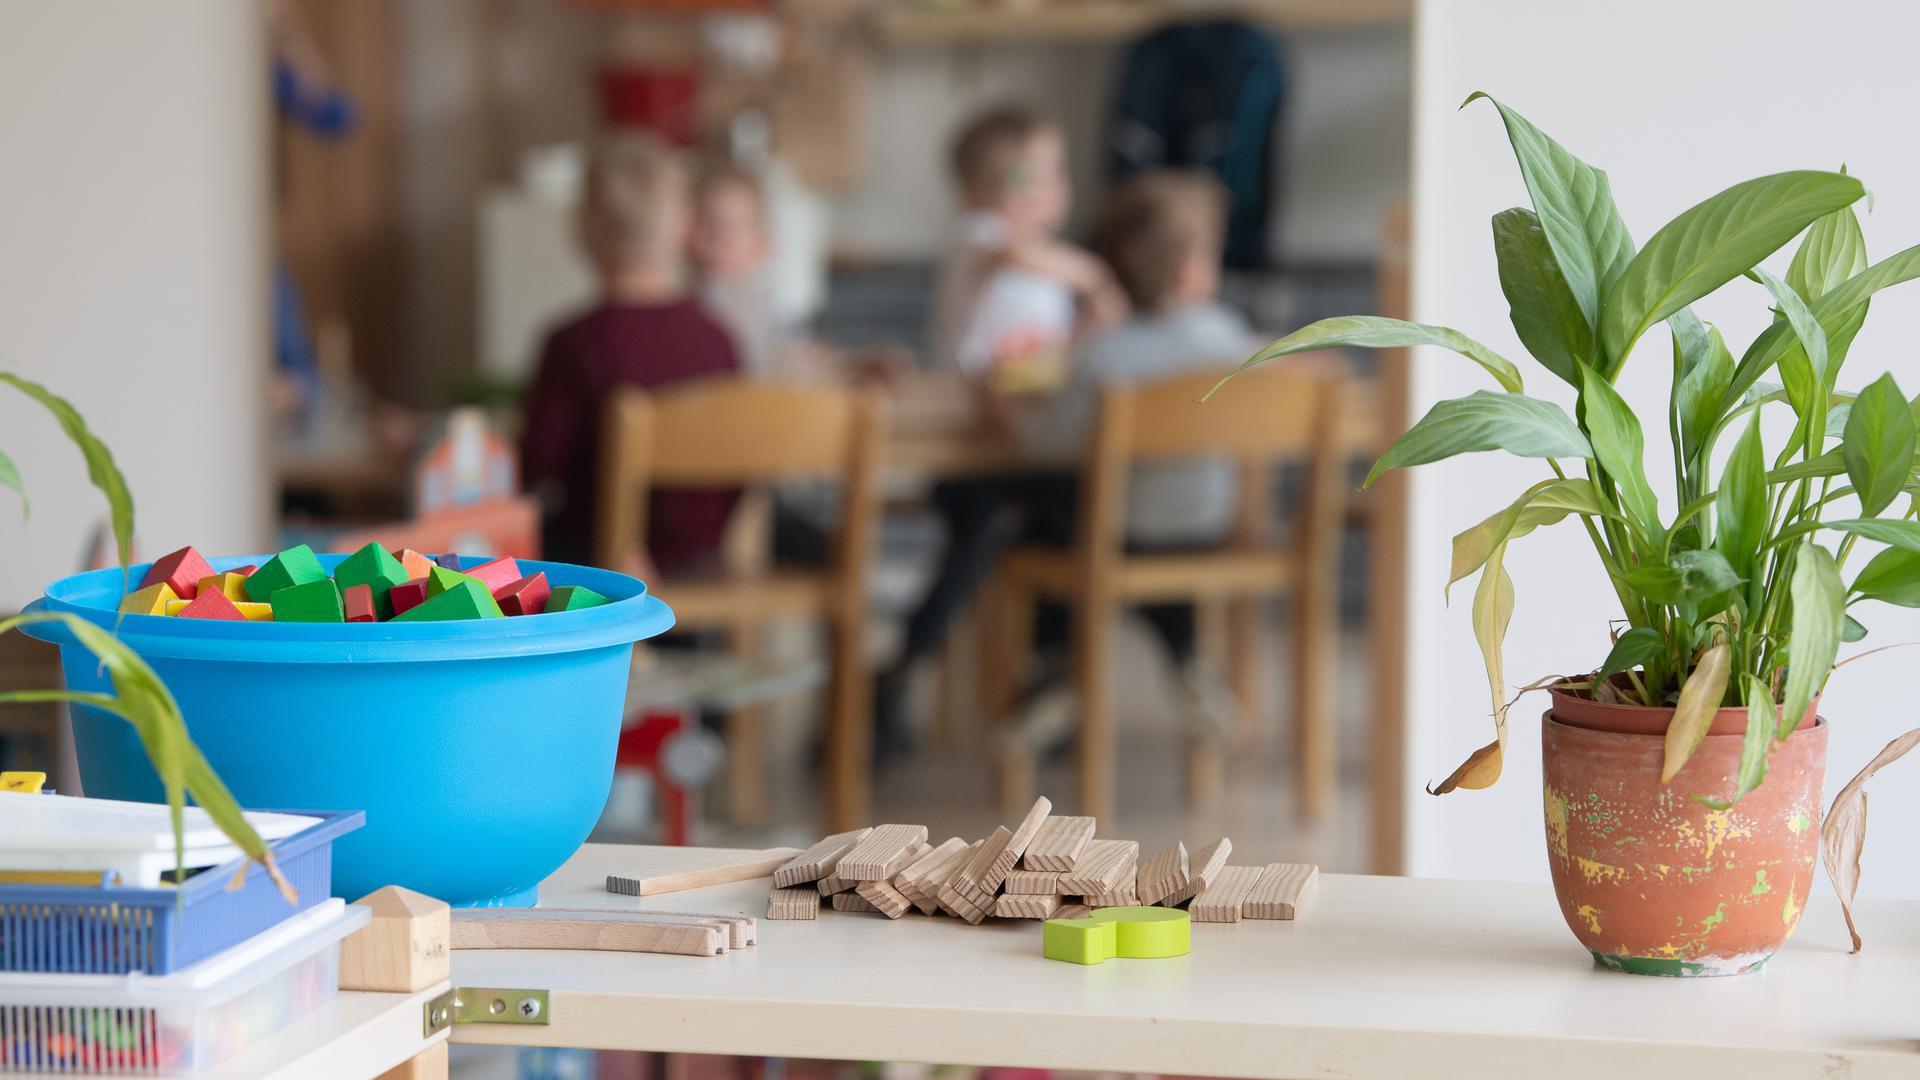 Kinder sitzen im Rahmen der Notbetreuung in einem Kindergarten während des Mittagessens an einem Tisch und sind in einem Spiegel zu sehen.